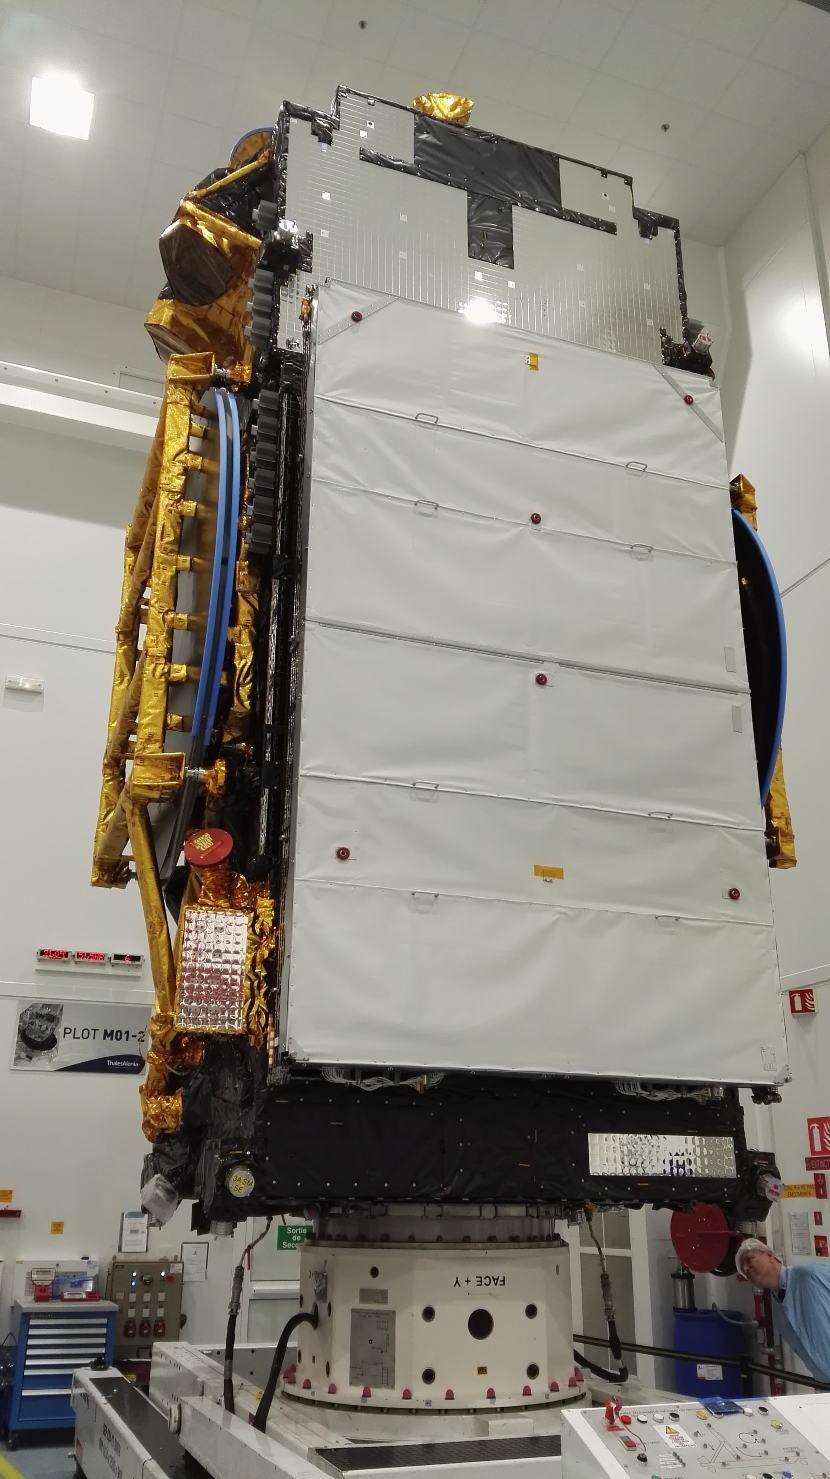 Le satellite SGDC prêt au départ pour la Guyane